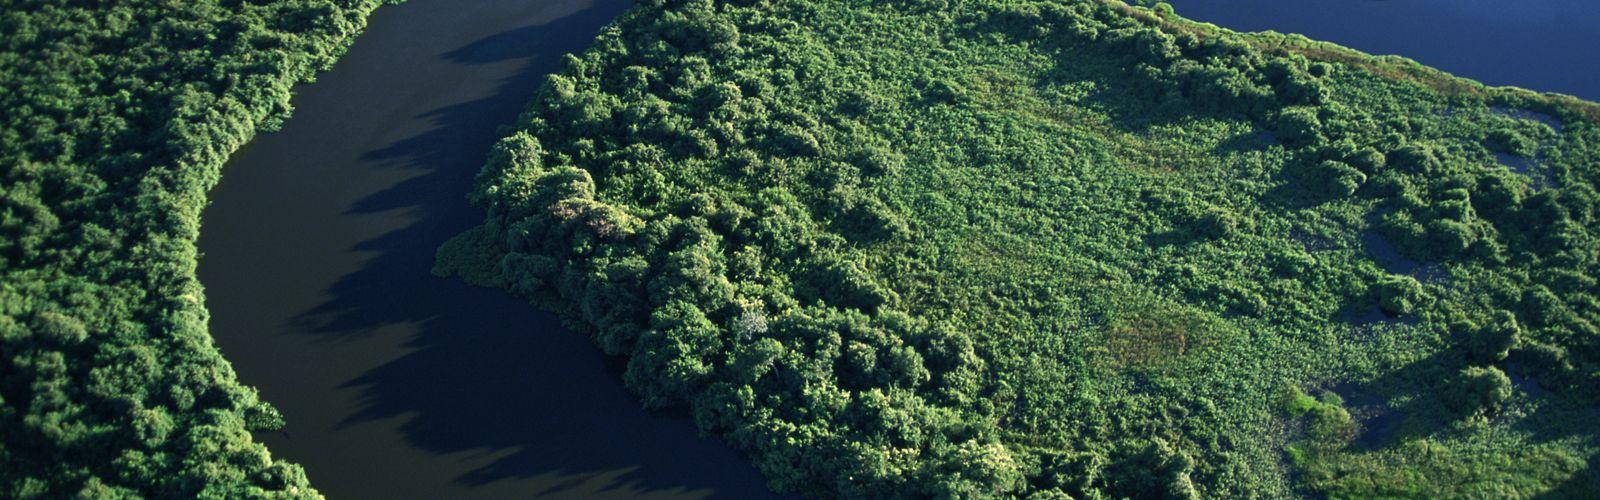 Vista aérea del río Cuiab cruzando el Parque Nacional Pantanal en Brasil.